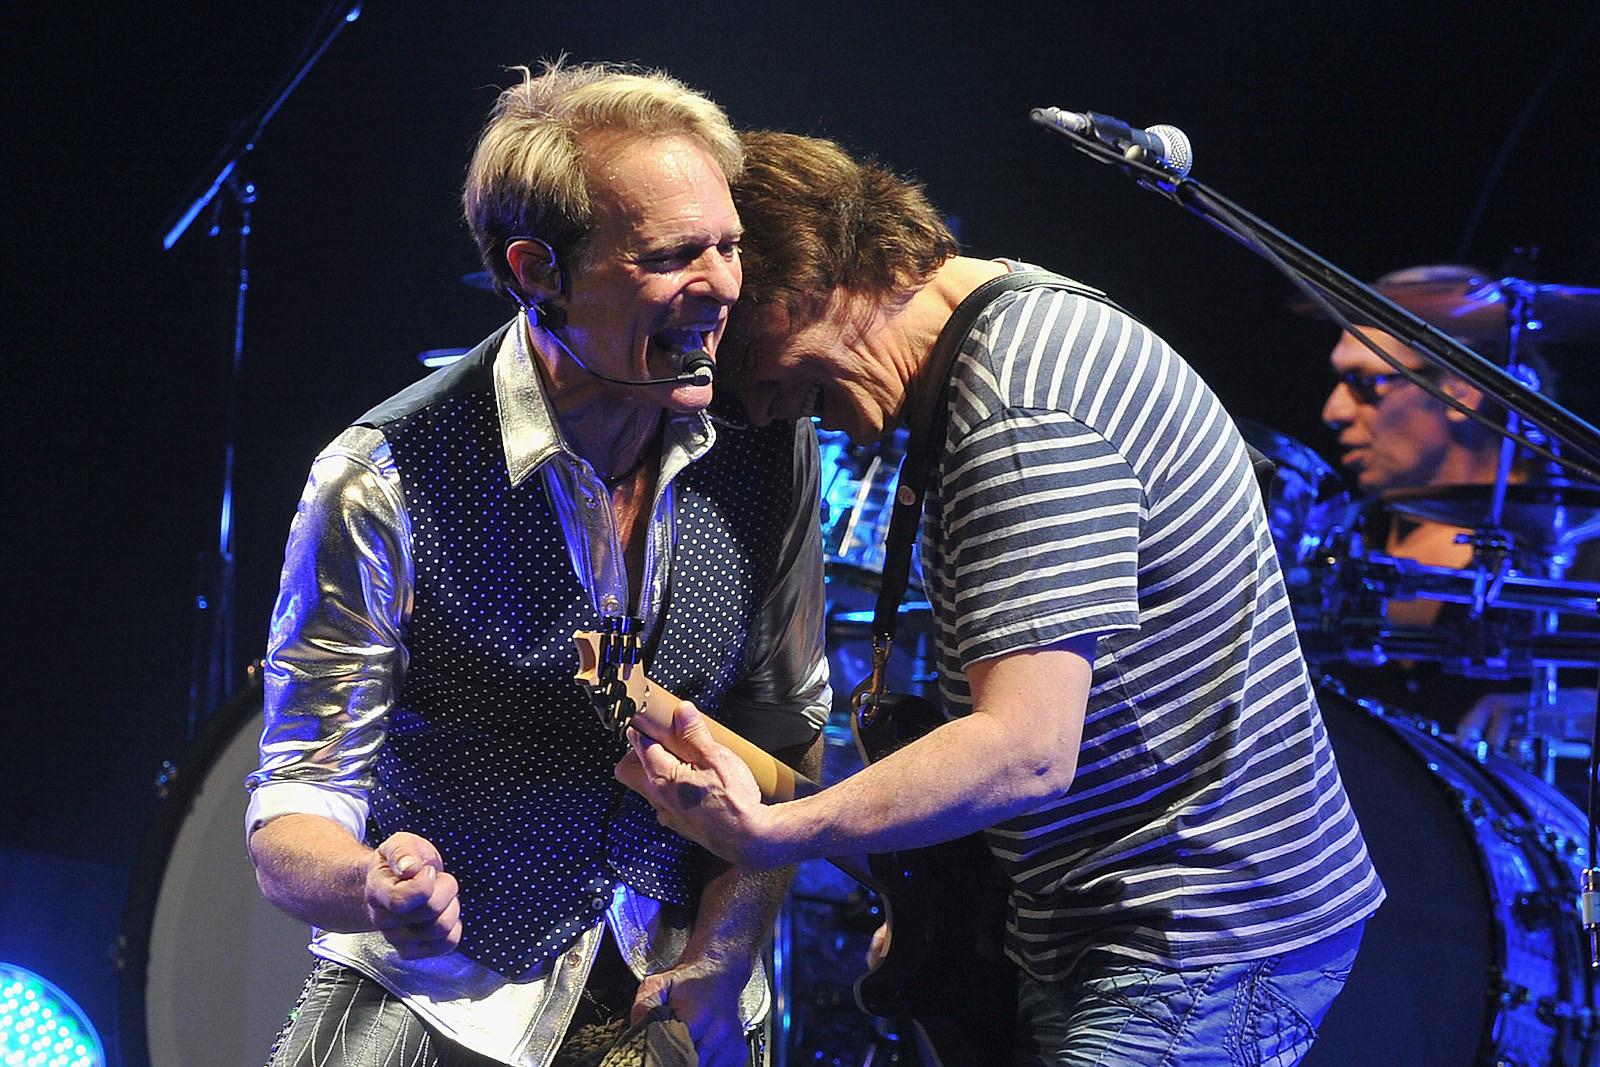 Have Eddie Van Halen S Health Issues Kept Van Halen Off The Road